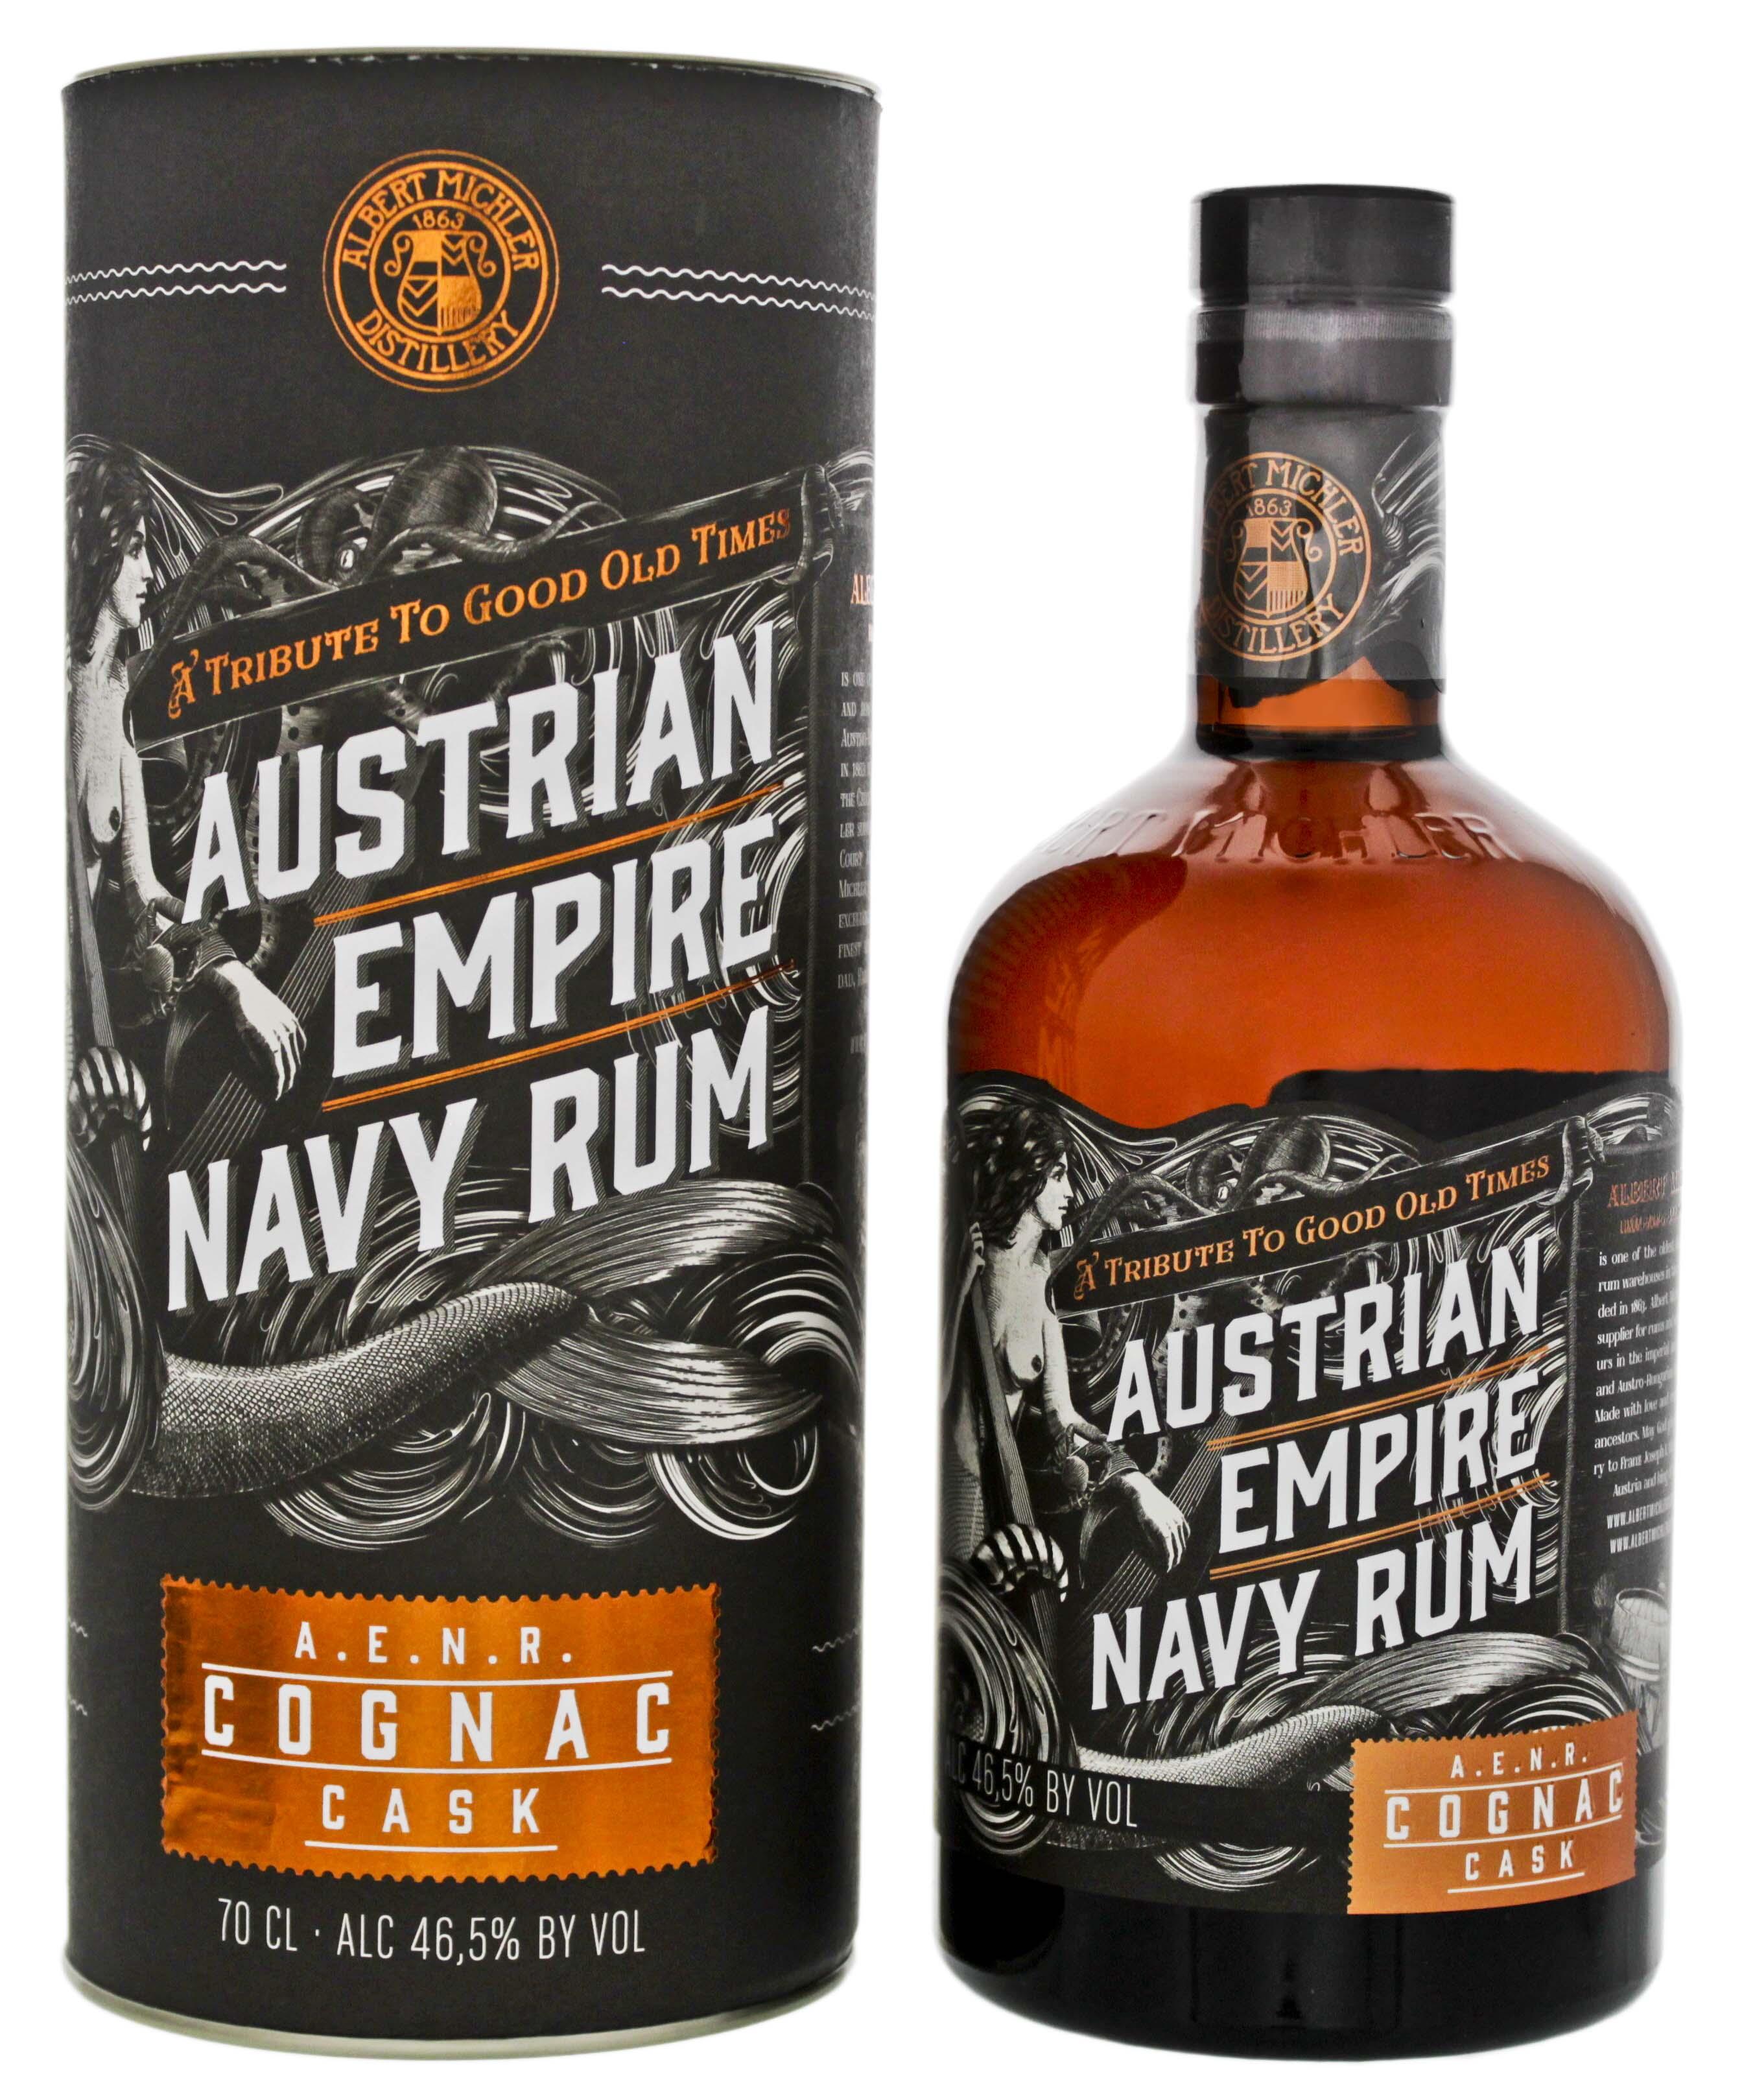 Austrian Empire Navy Rum Reserve Double Cask Cognac 0,7L